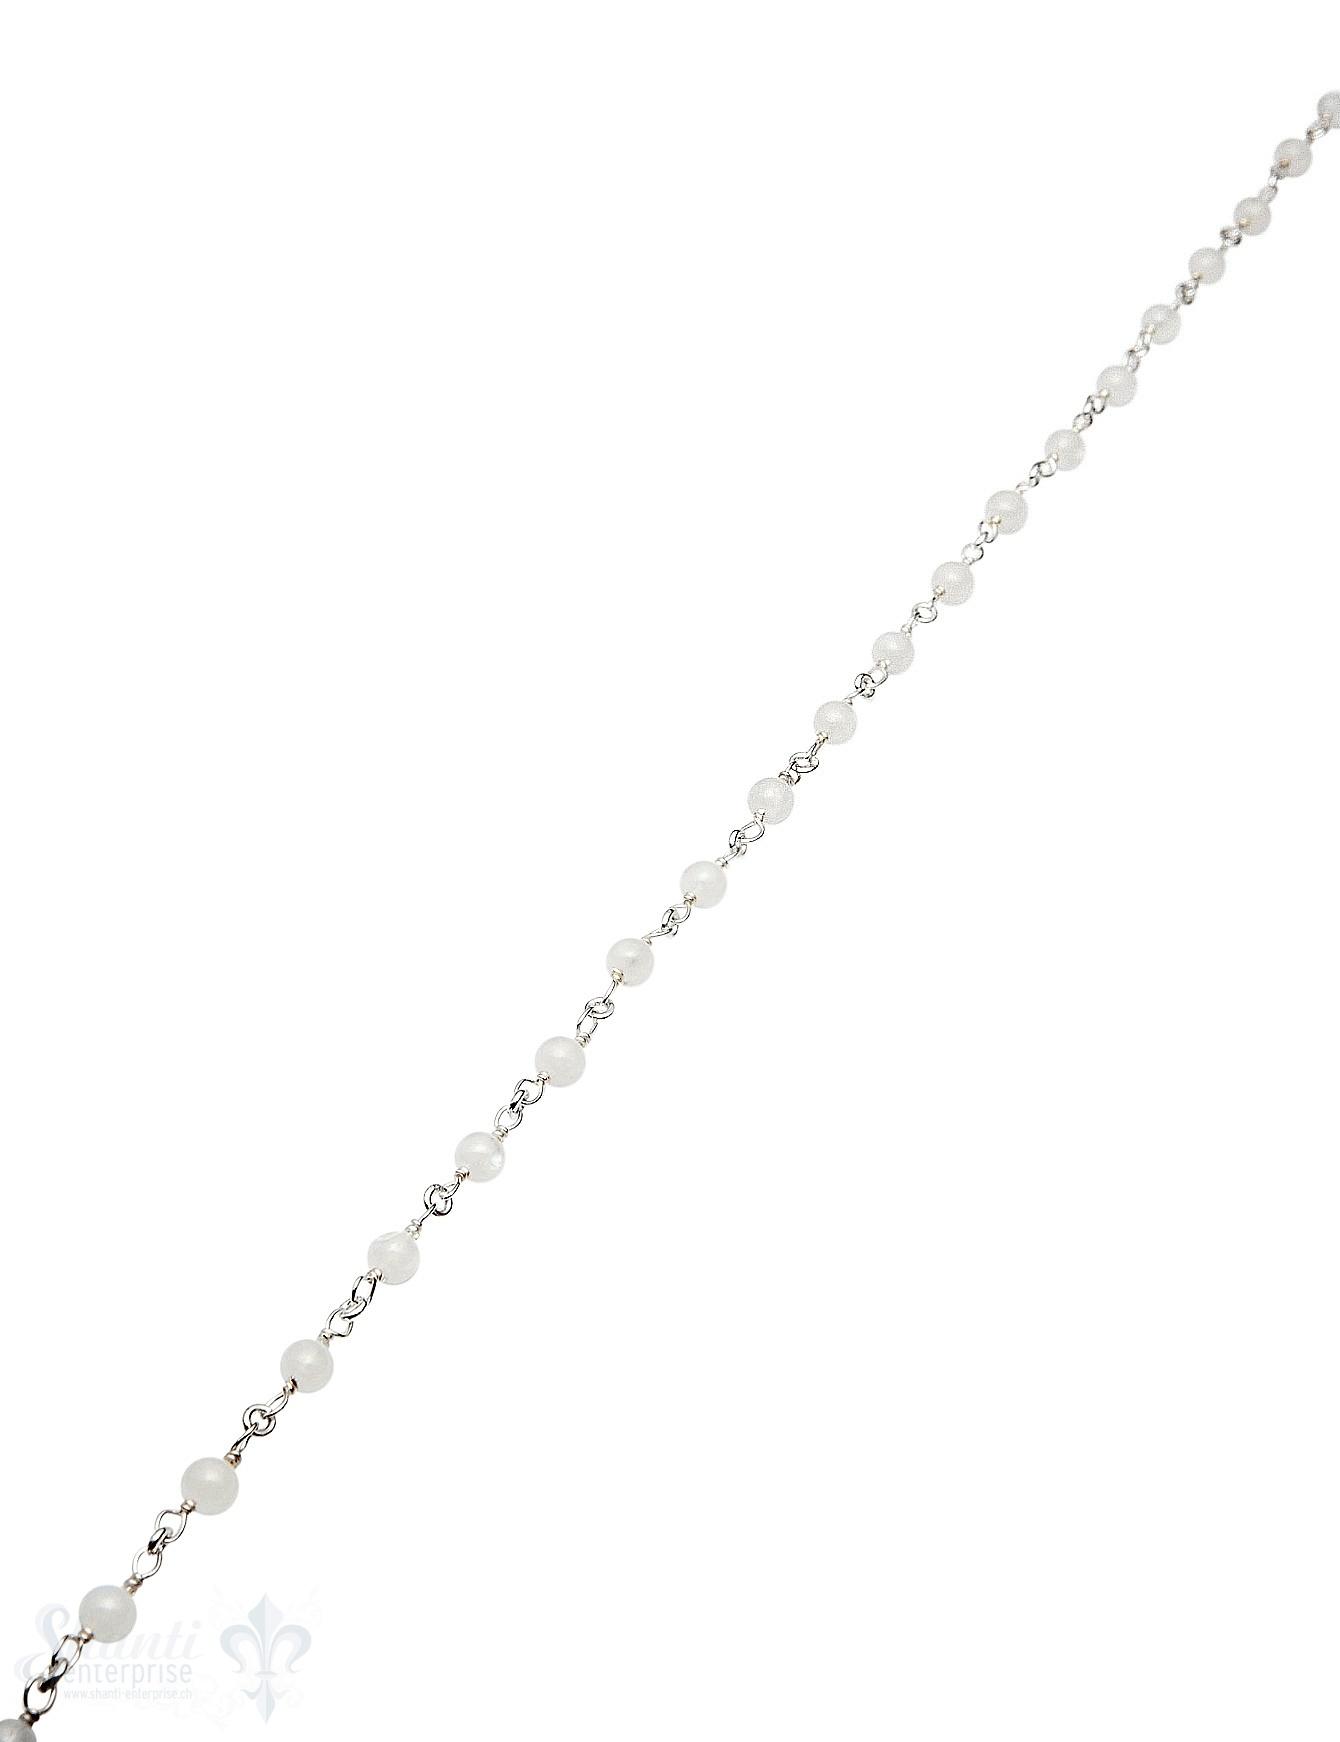 Rosenkranzkette Regenbogenmondstein weiss 4 mm run